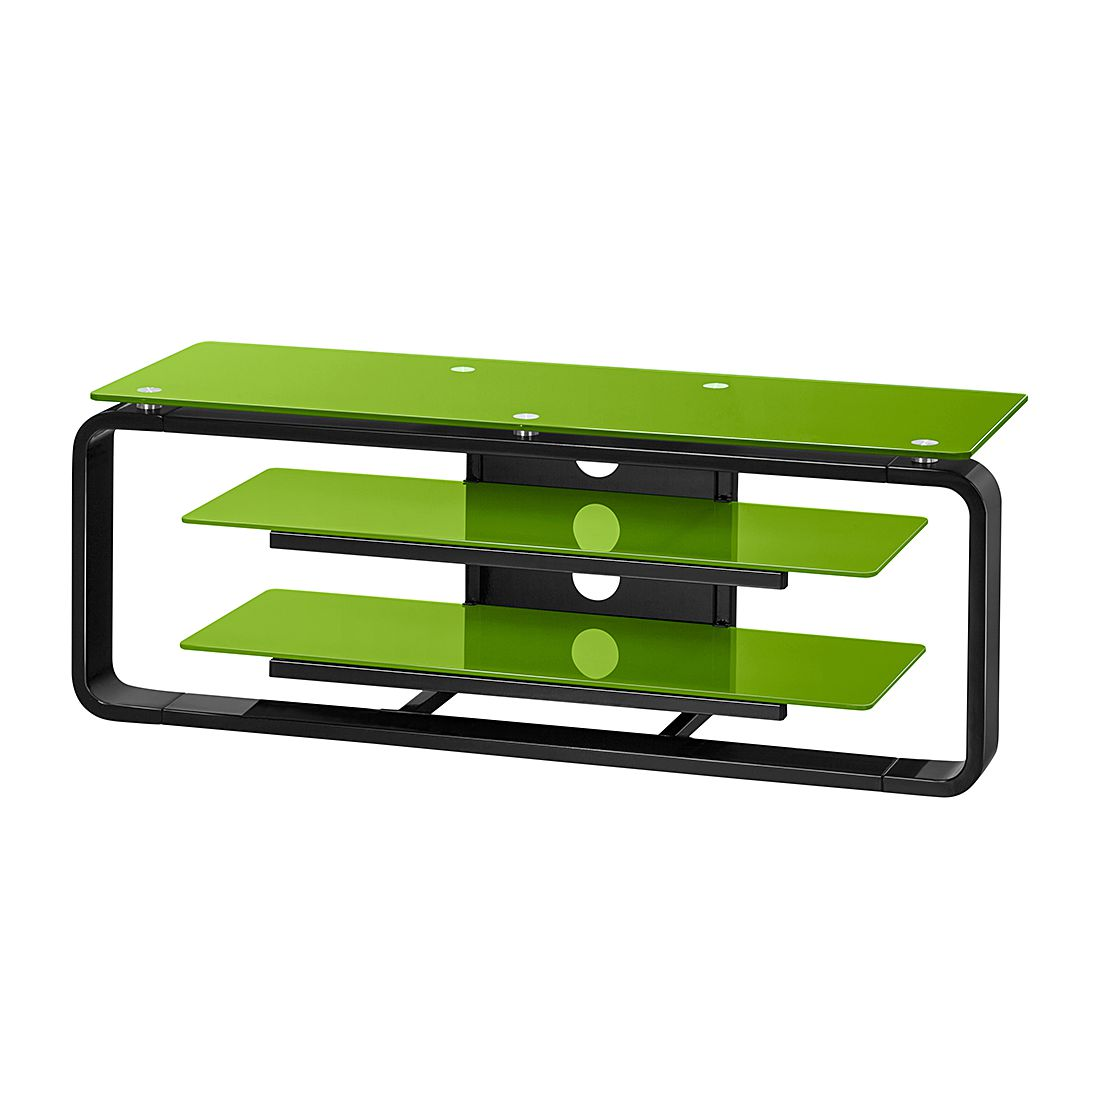 Italia. Mobiletto TV Jared I Nero / Vetro Verde 110 Cm Loftscape #426F04 1100 1100 Mobiletto Multiuso Legno